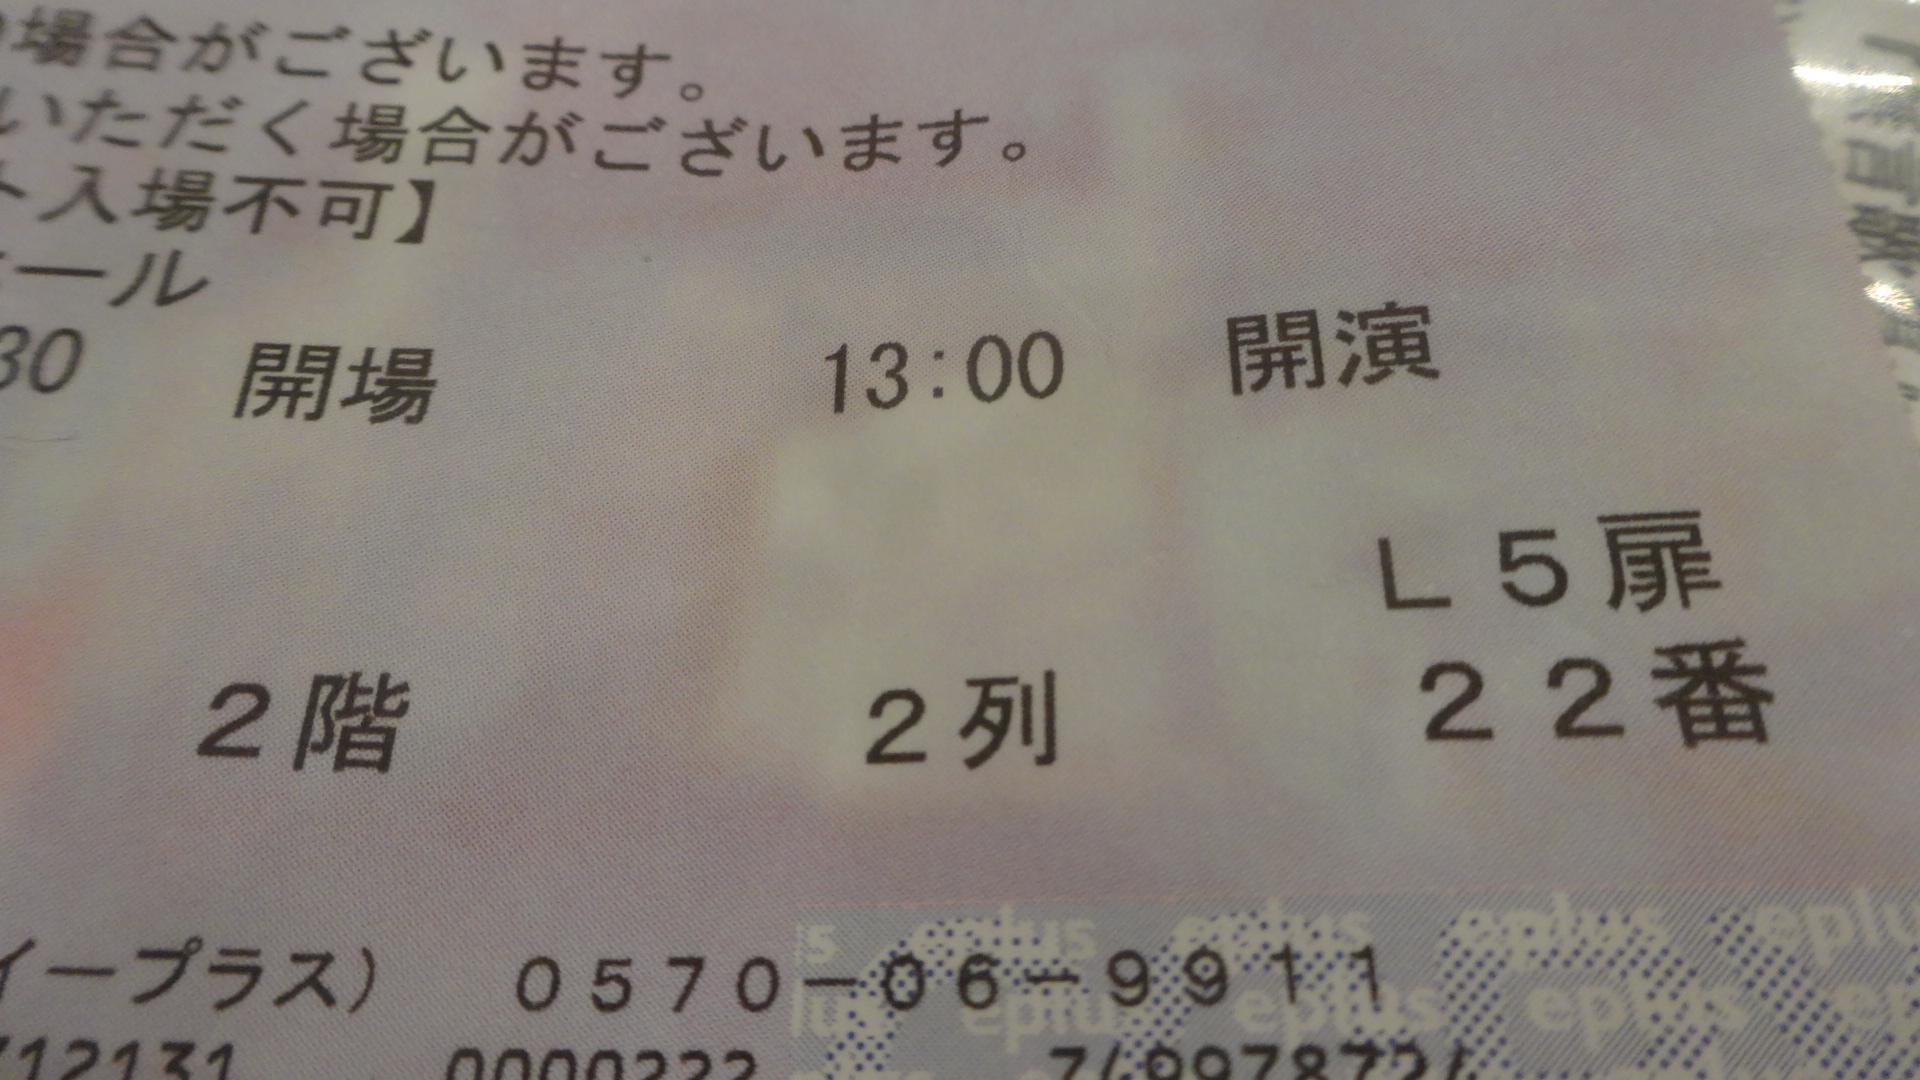 席が 2階 2列 22番のチケットの写真